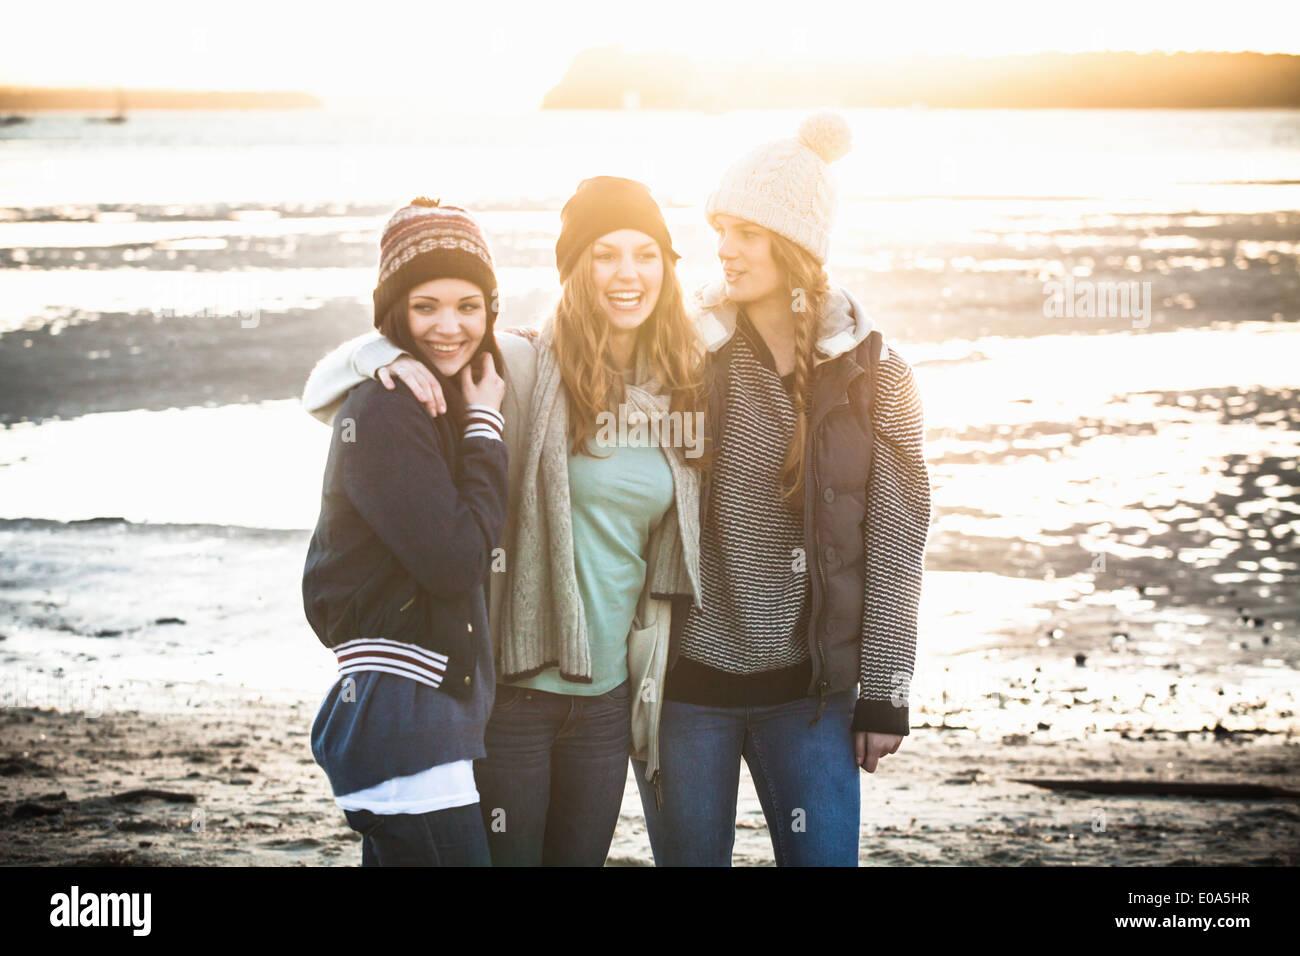 Portrait de trois jeunes femmes adultes sur la plage Photo Stock